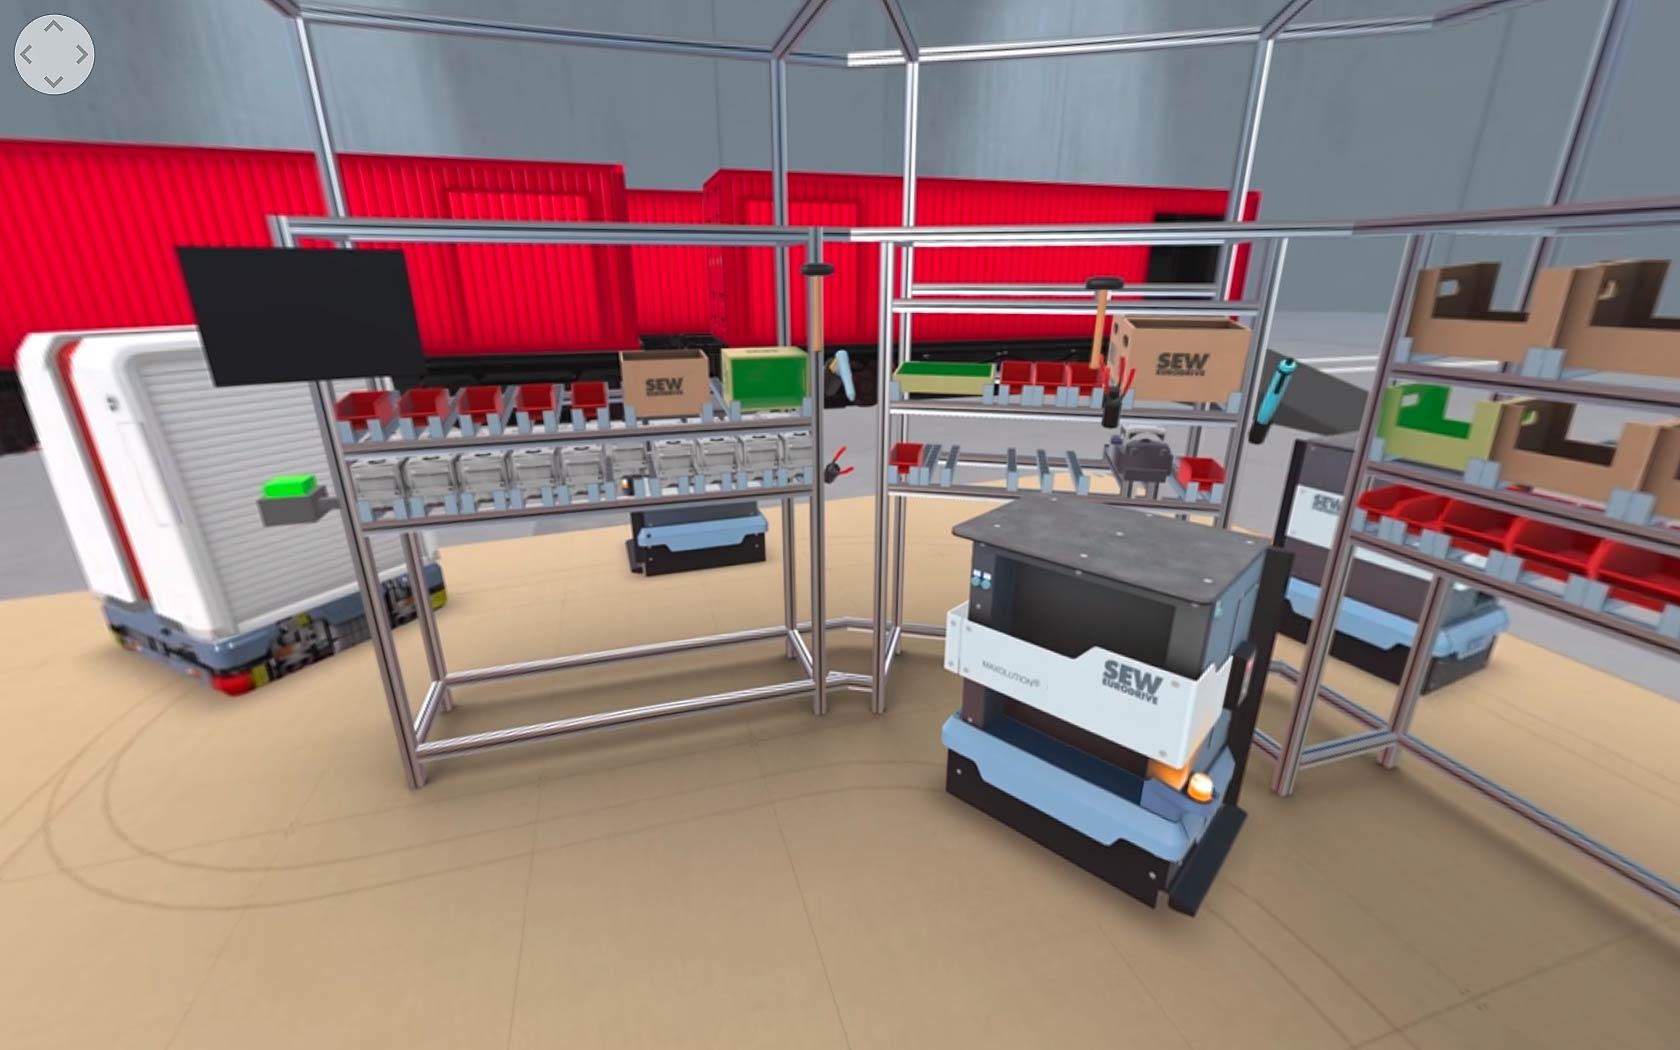 Virtual Reality Version der SEW-EURODRIVE zur Schulung von Mitarbeitern